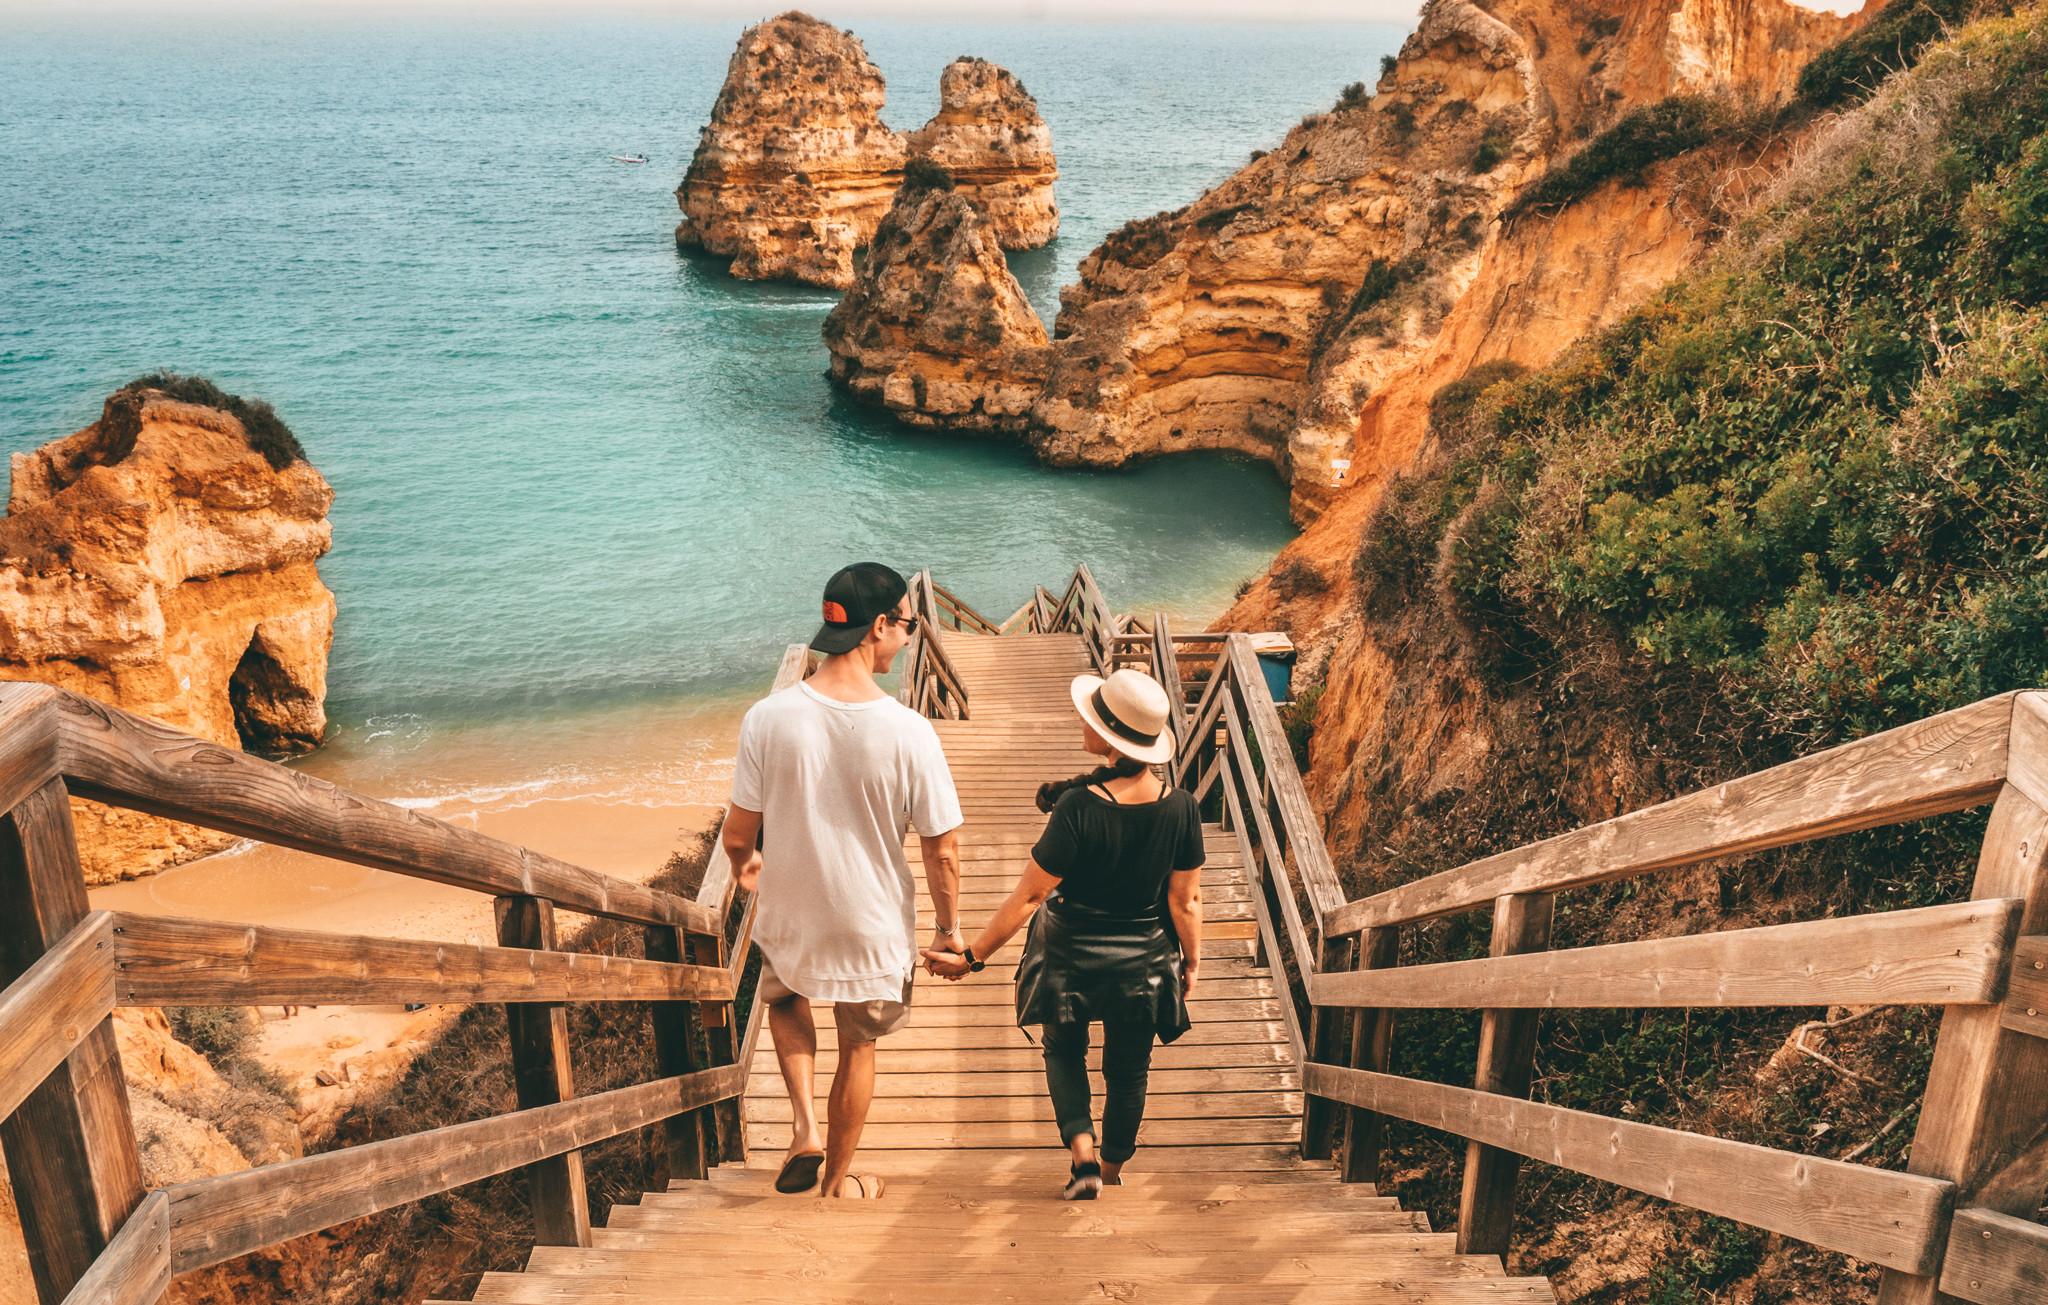 Algarve Coast Beach Stairs